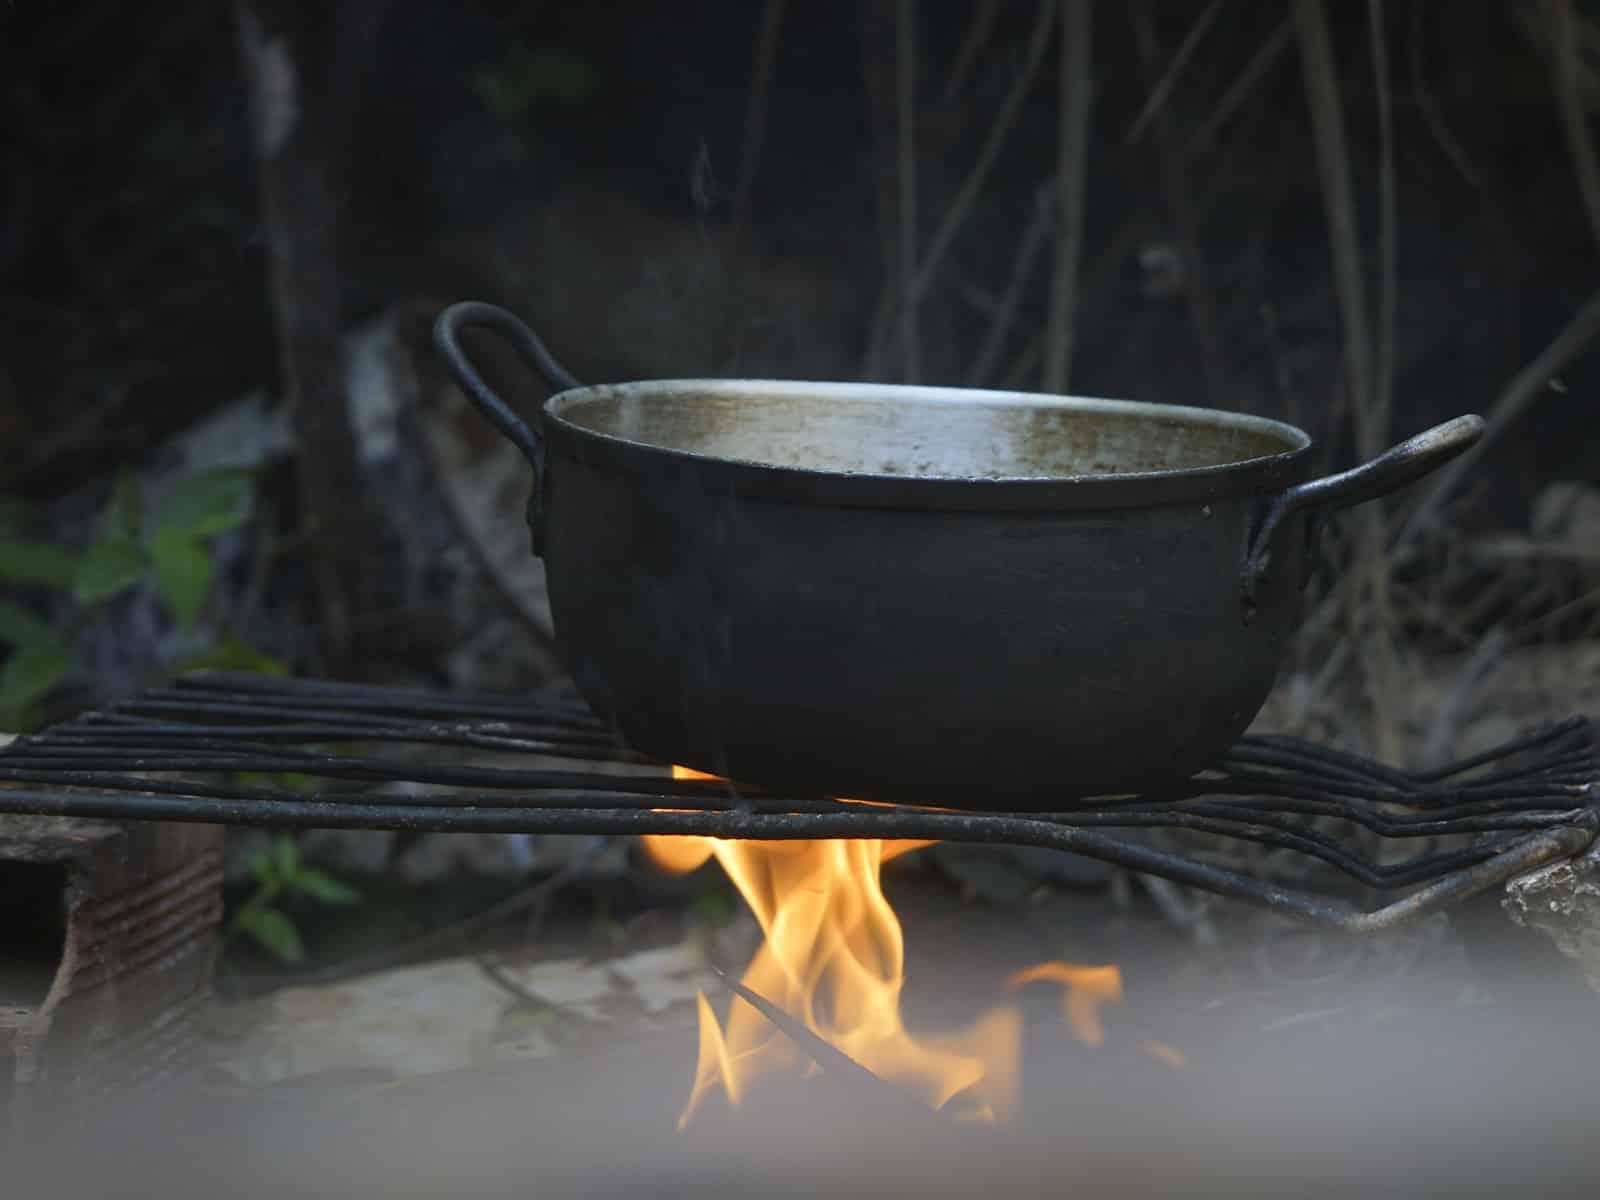 Escasez de gas tiene a familias venezolanas entre cocinas eléctricas y leña